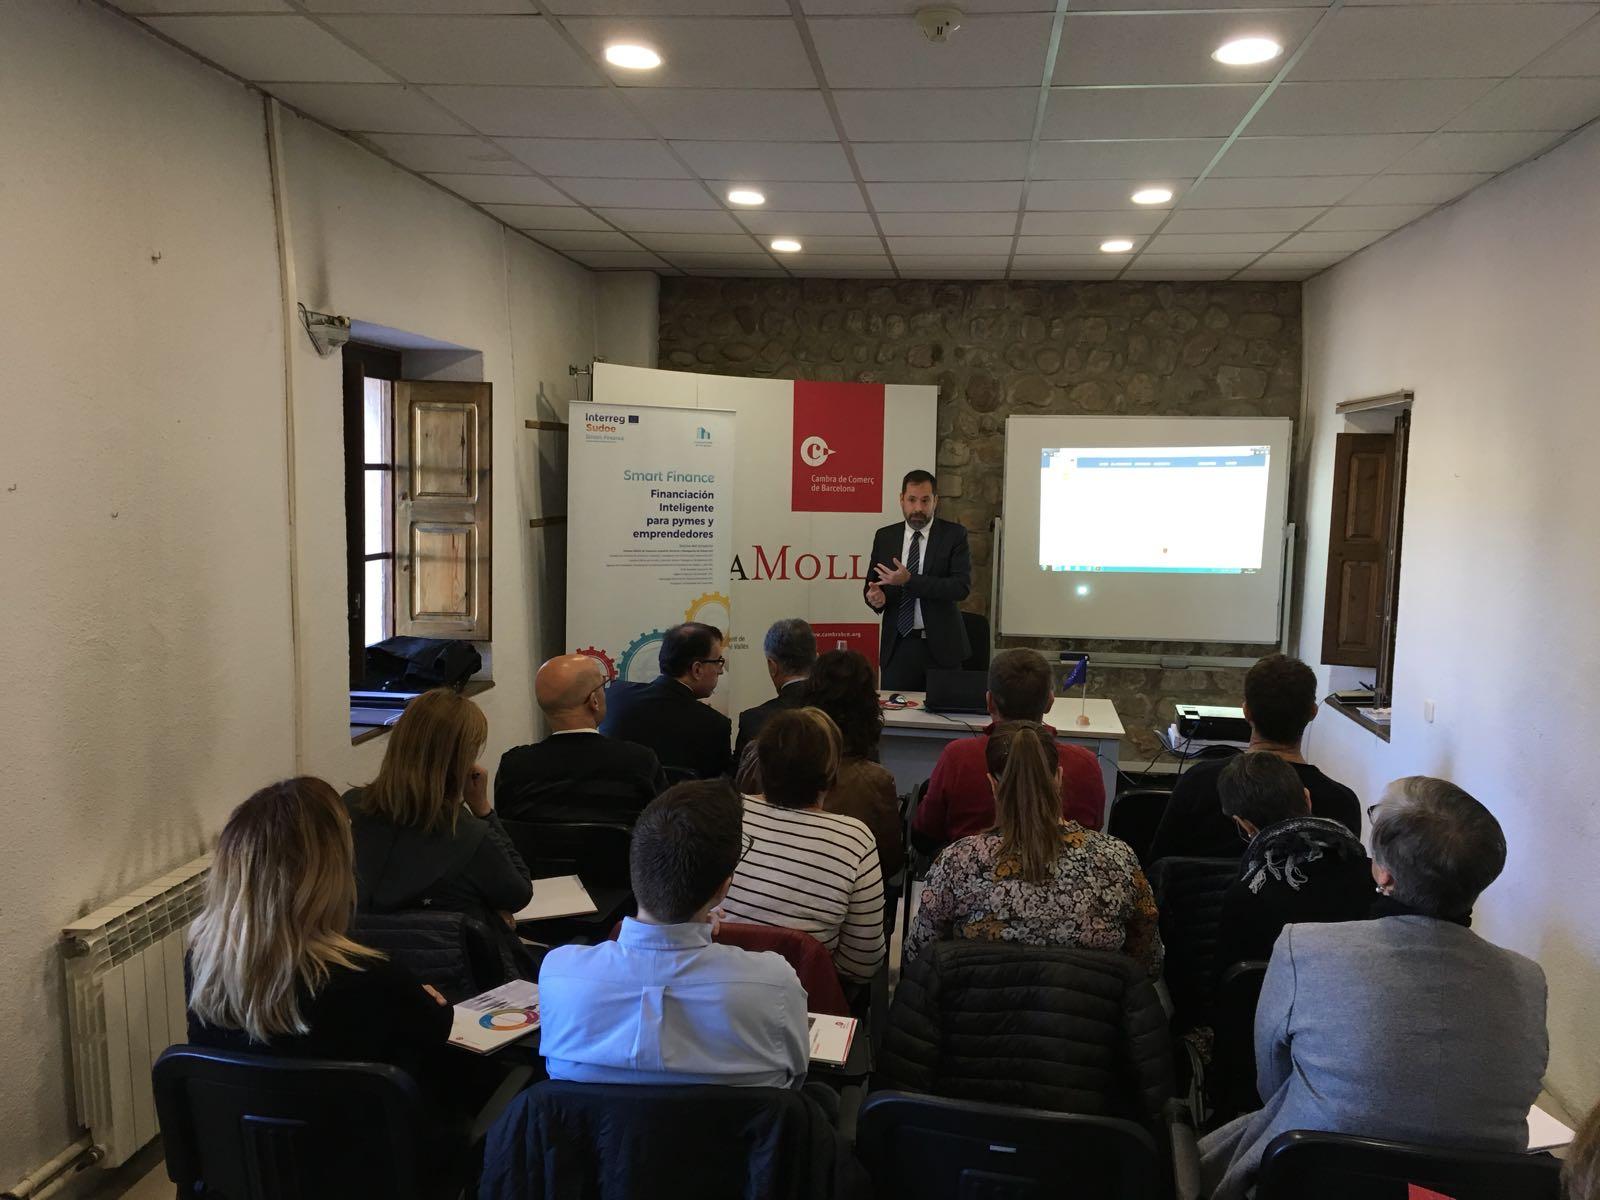 Câmara de Comércio de Barcelona apresenta o seu FINLAB no quadro do projeto Smart Finance